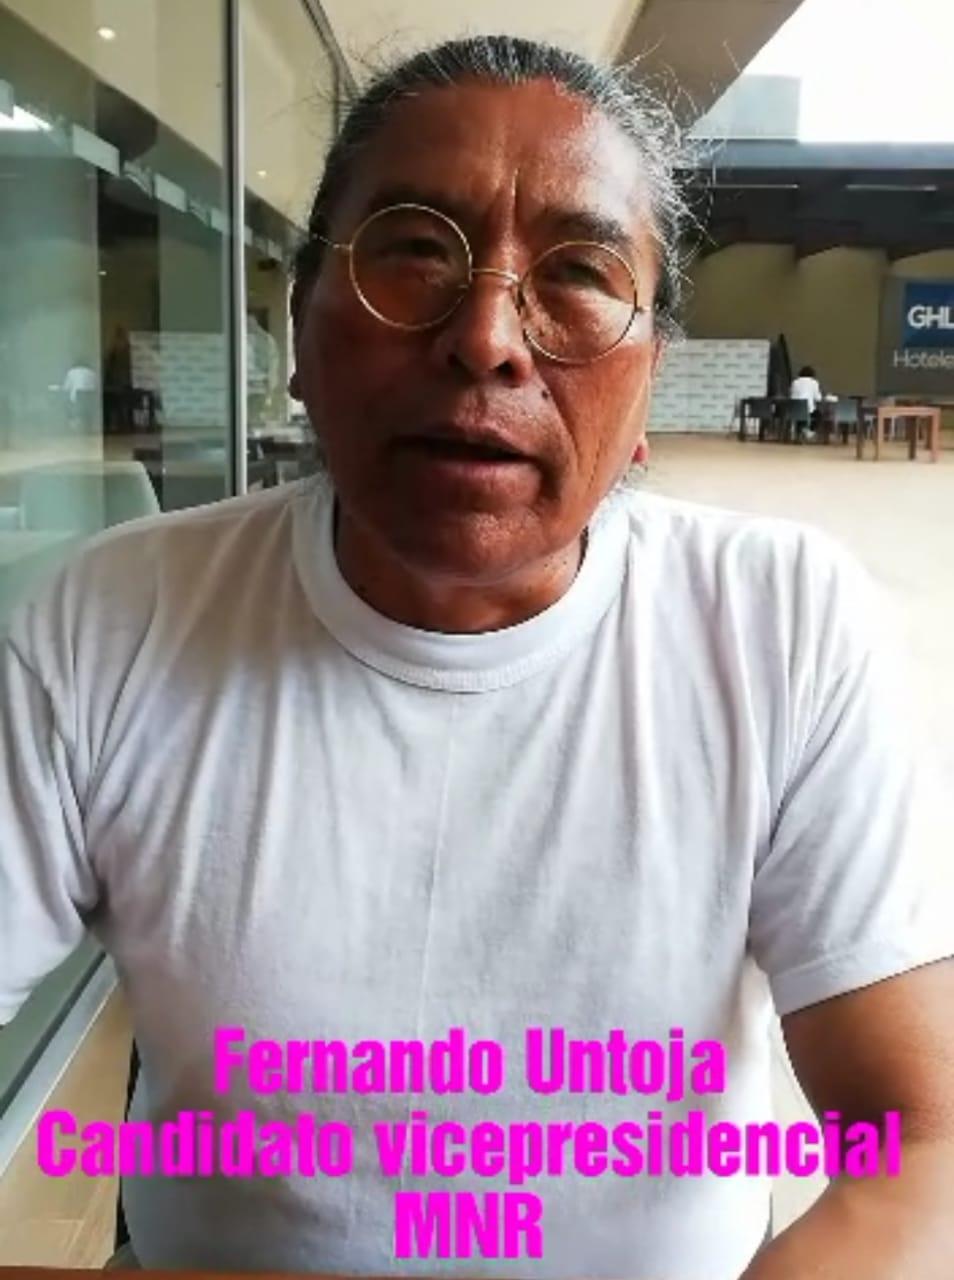 Candidato vicepresidencial del MNR Fernando Untoja ve un panorama económico sombrío para 2019